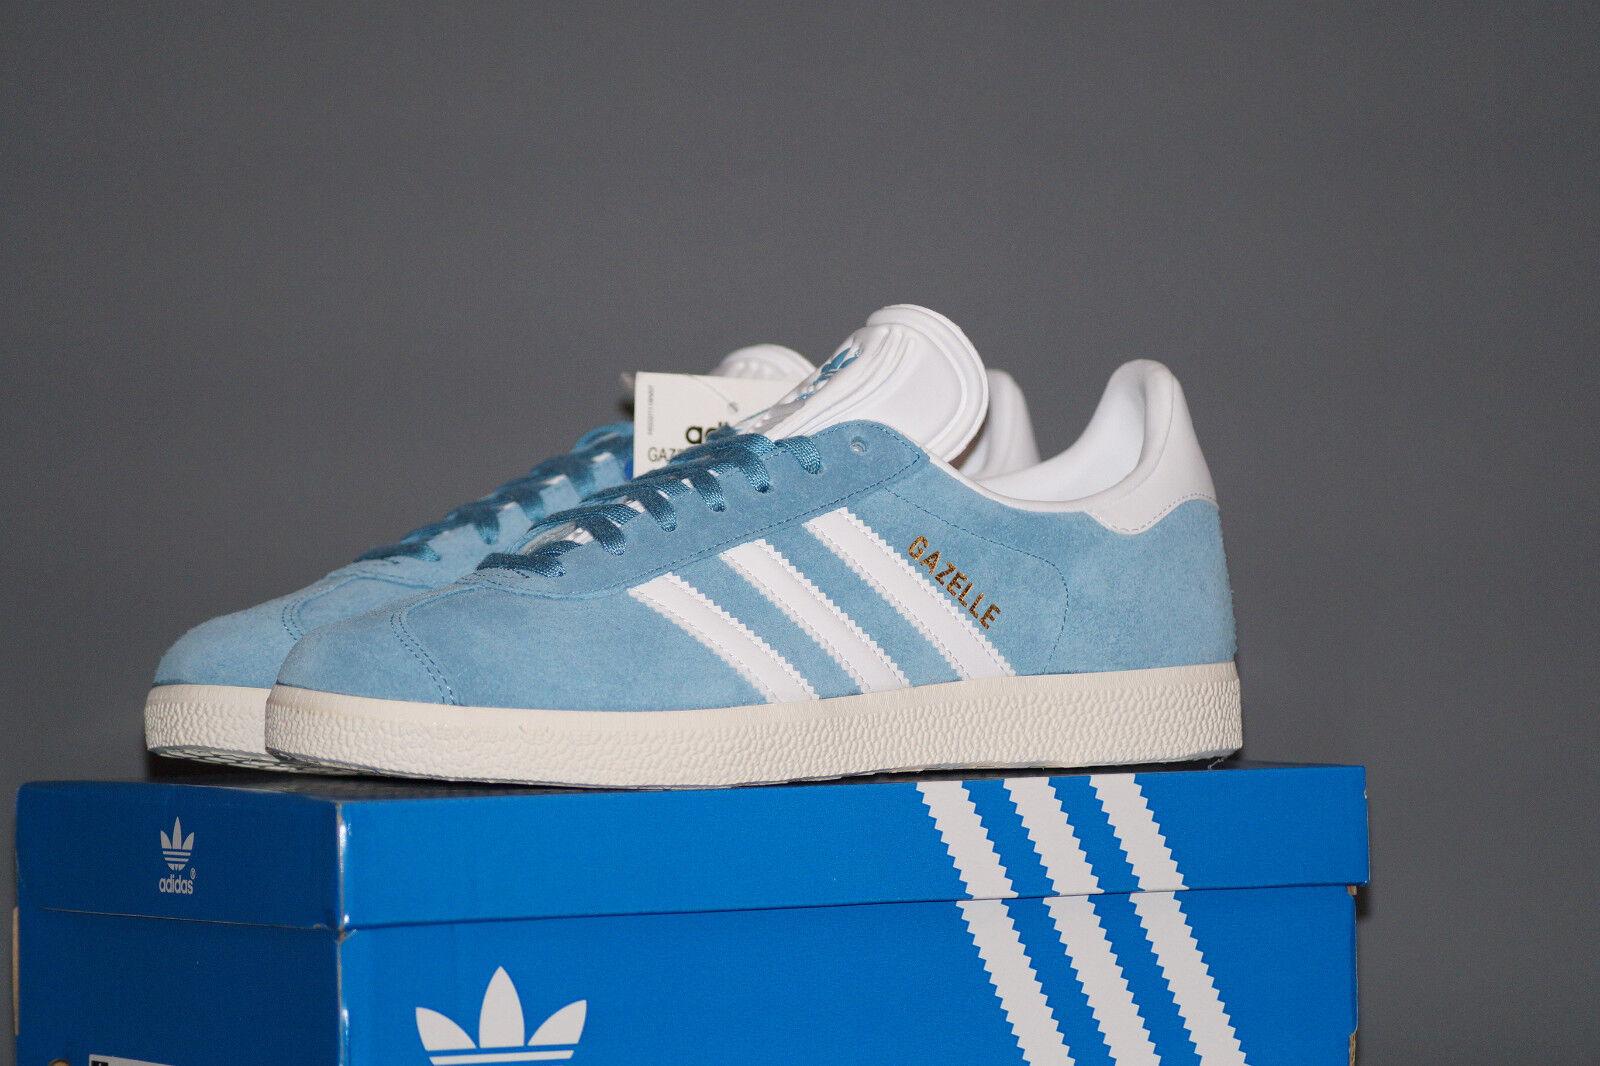 Adidas Originals gacela UE 37.3 UK 4.5 azul pálido bz0022 serraje Suede zapatillas